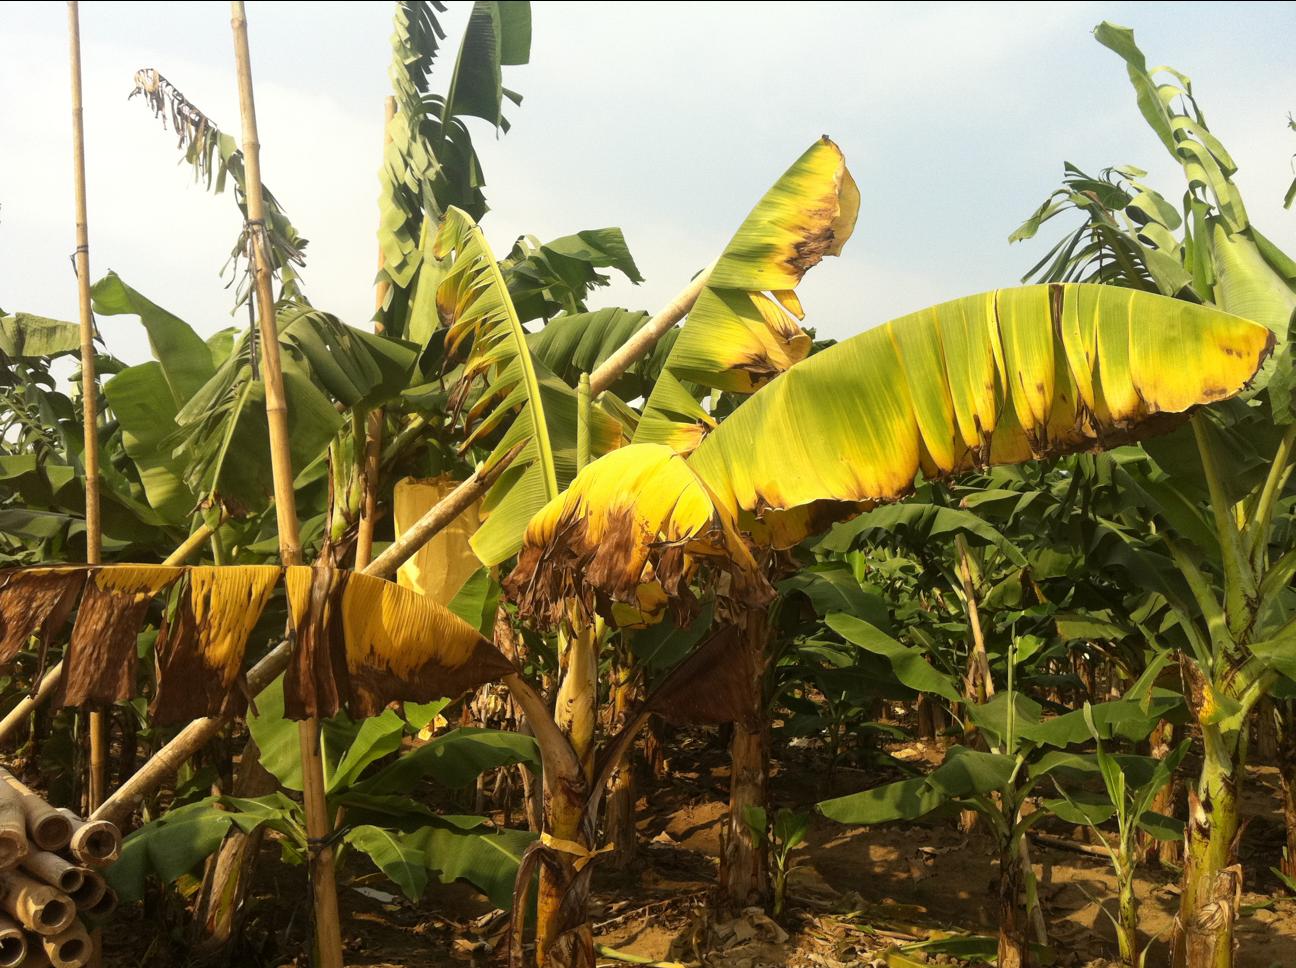 The banana blog